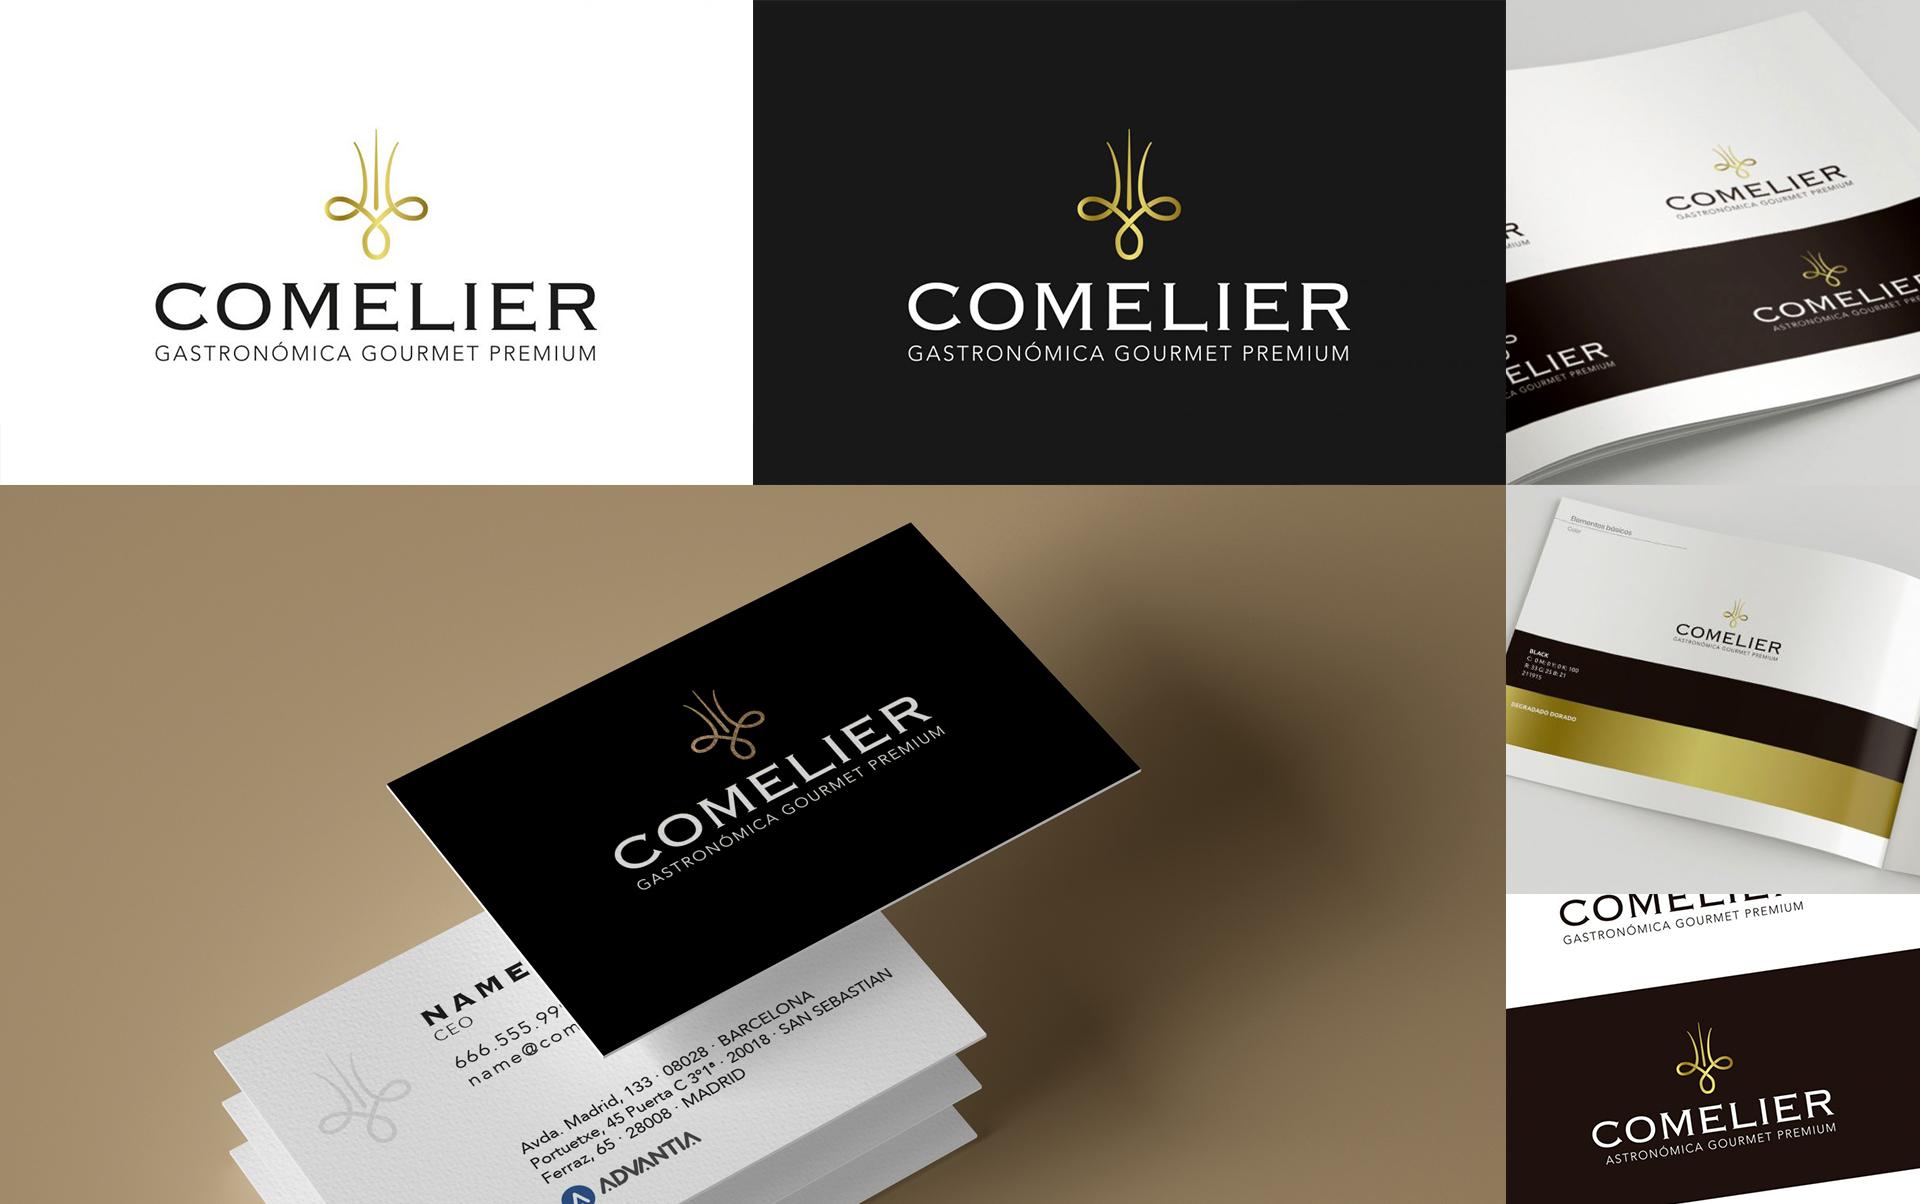 branding y desarrollo de marca - En el detalle esta la diferencia y con acabados especiales se consigue